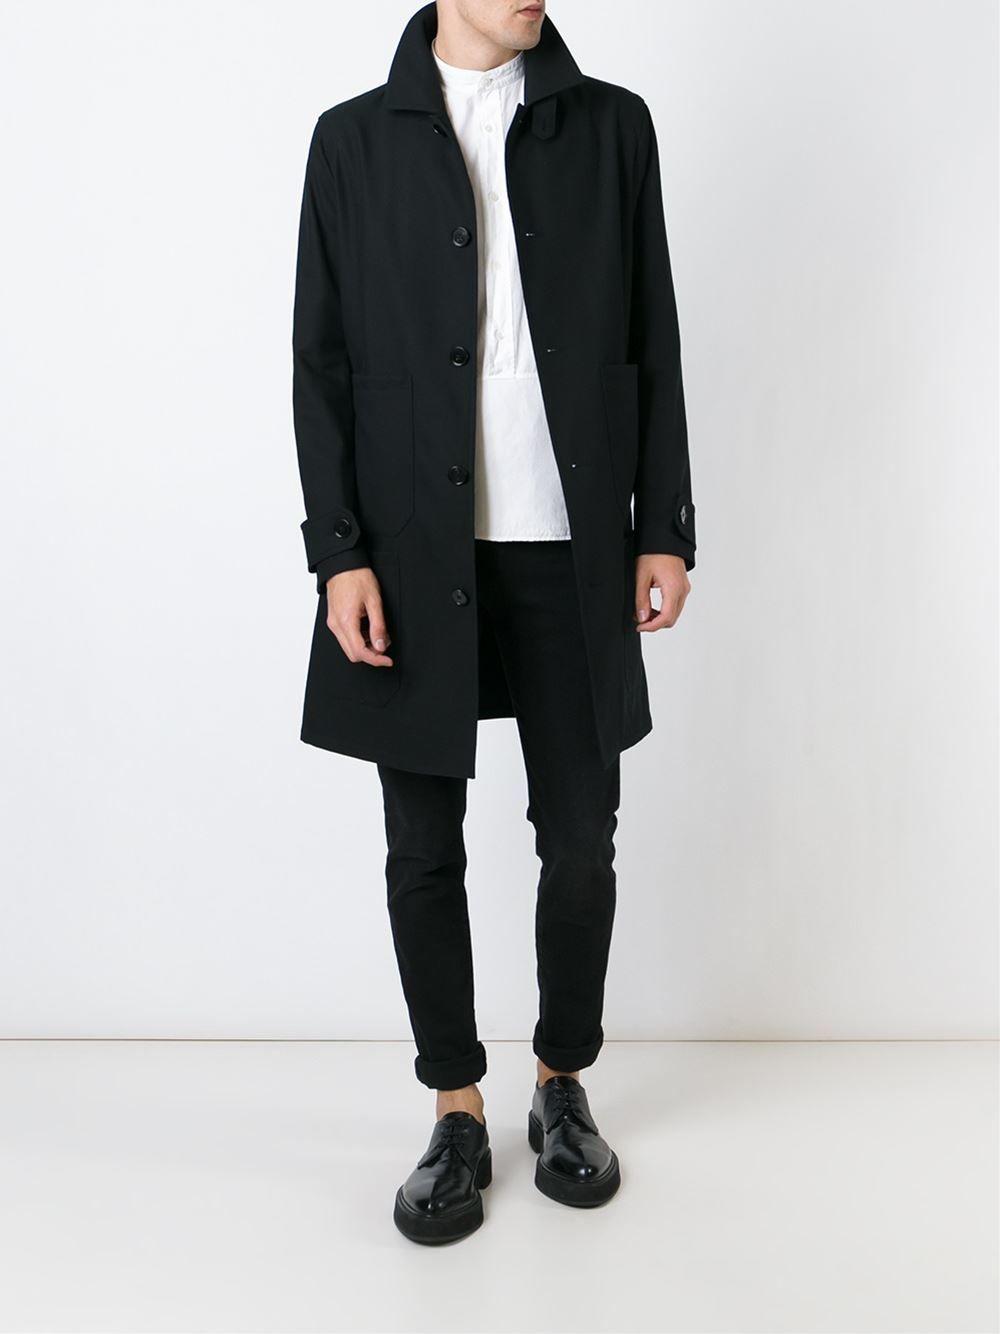 MAISON MARGIELA /// メゾンマルジェラ SlimFit Wsh Jeans スリムフィットウォッシュジーンズ